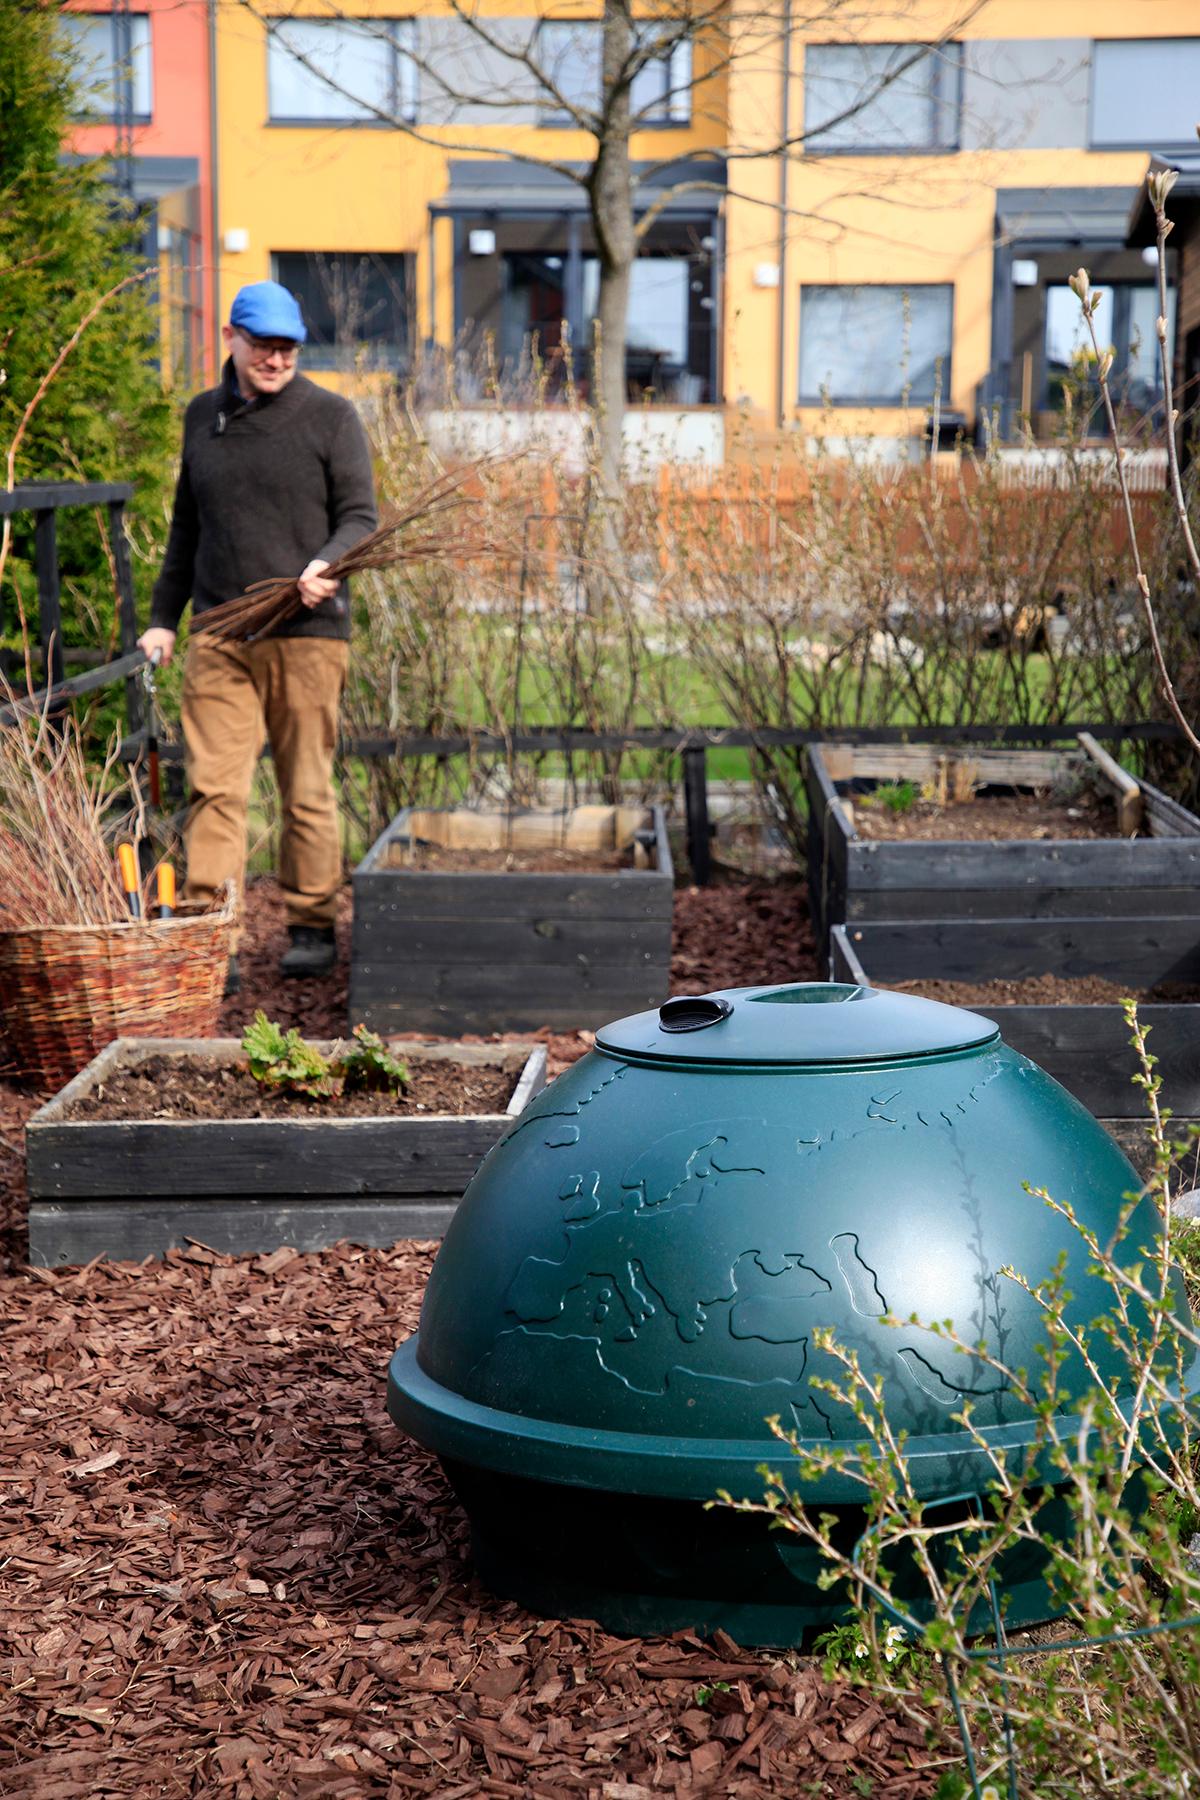 Kompostbehållare i trädgården